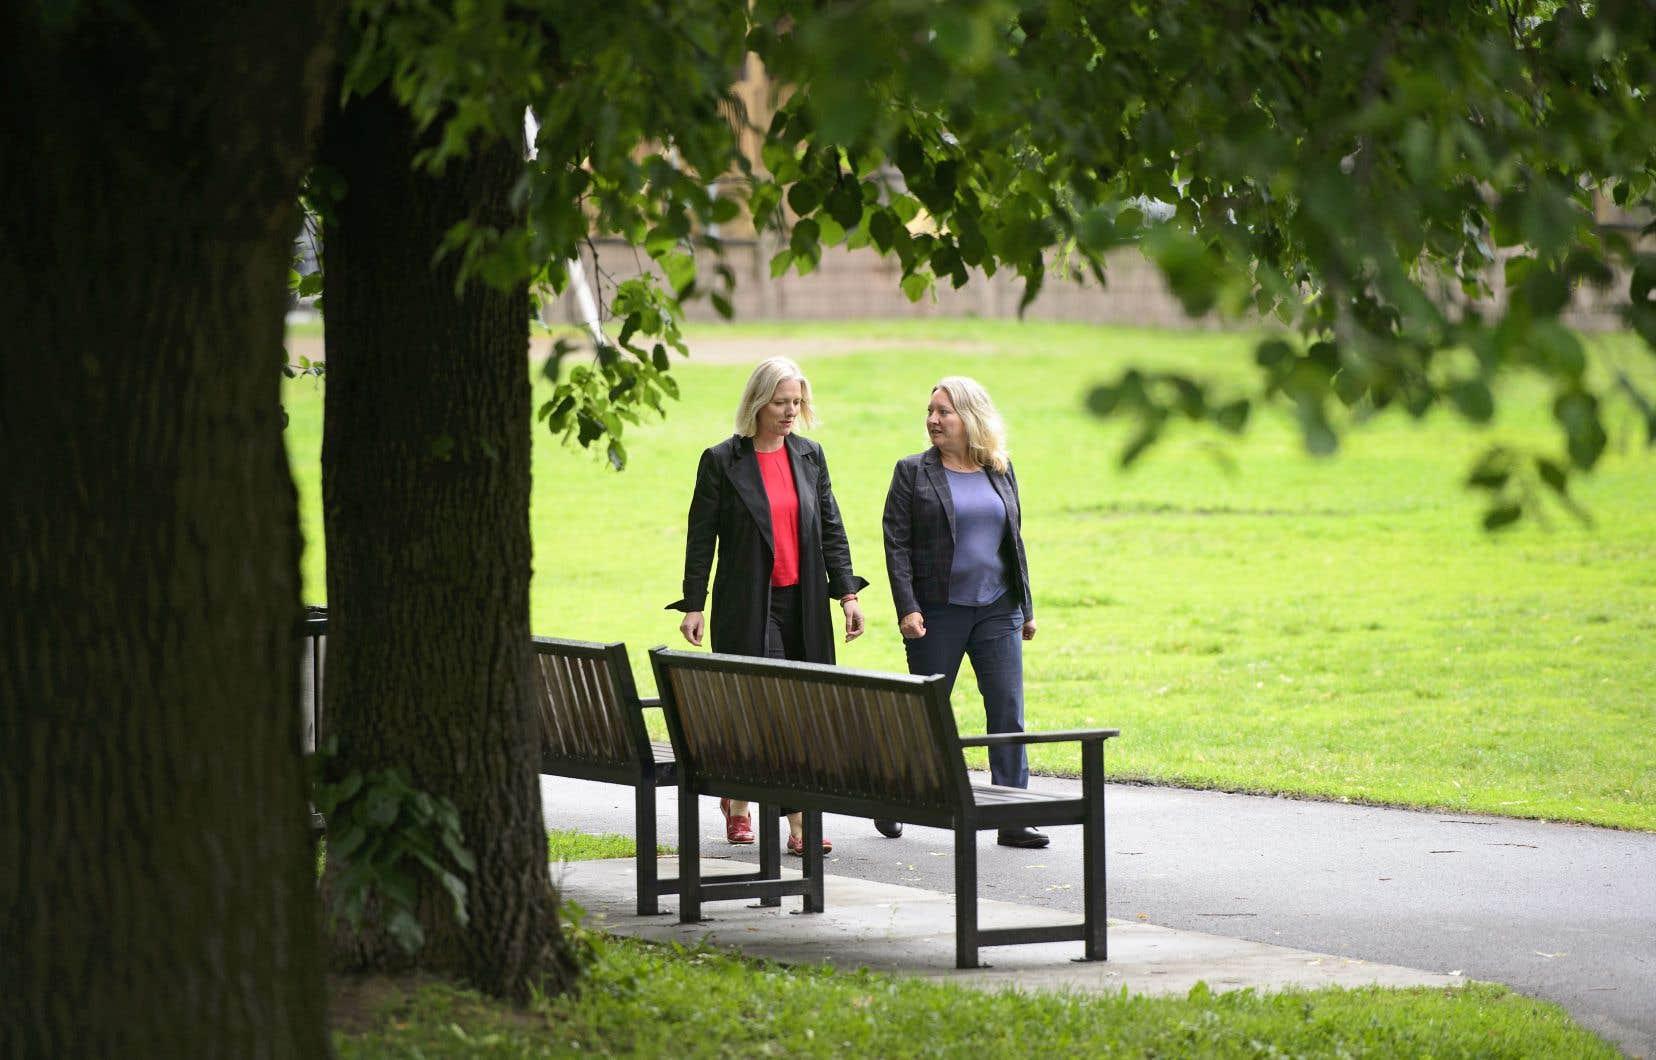 La ministre de l'Environnement Catherine McKenna était accompagnée de la députée libérale Mona Fortier lors de la conférence de presse mardi.